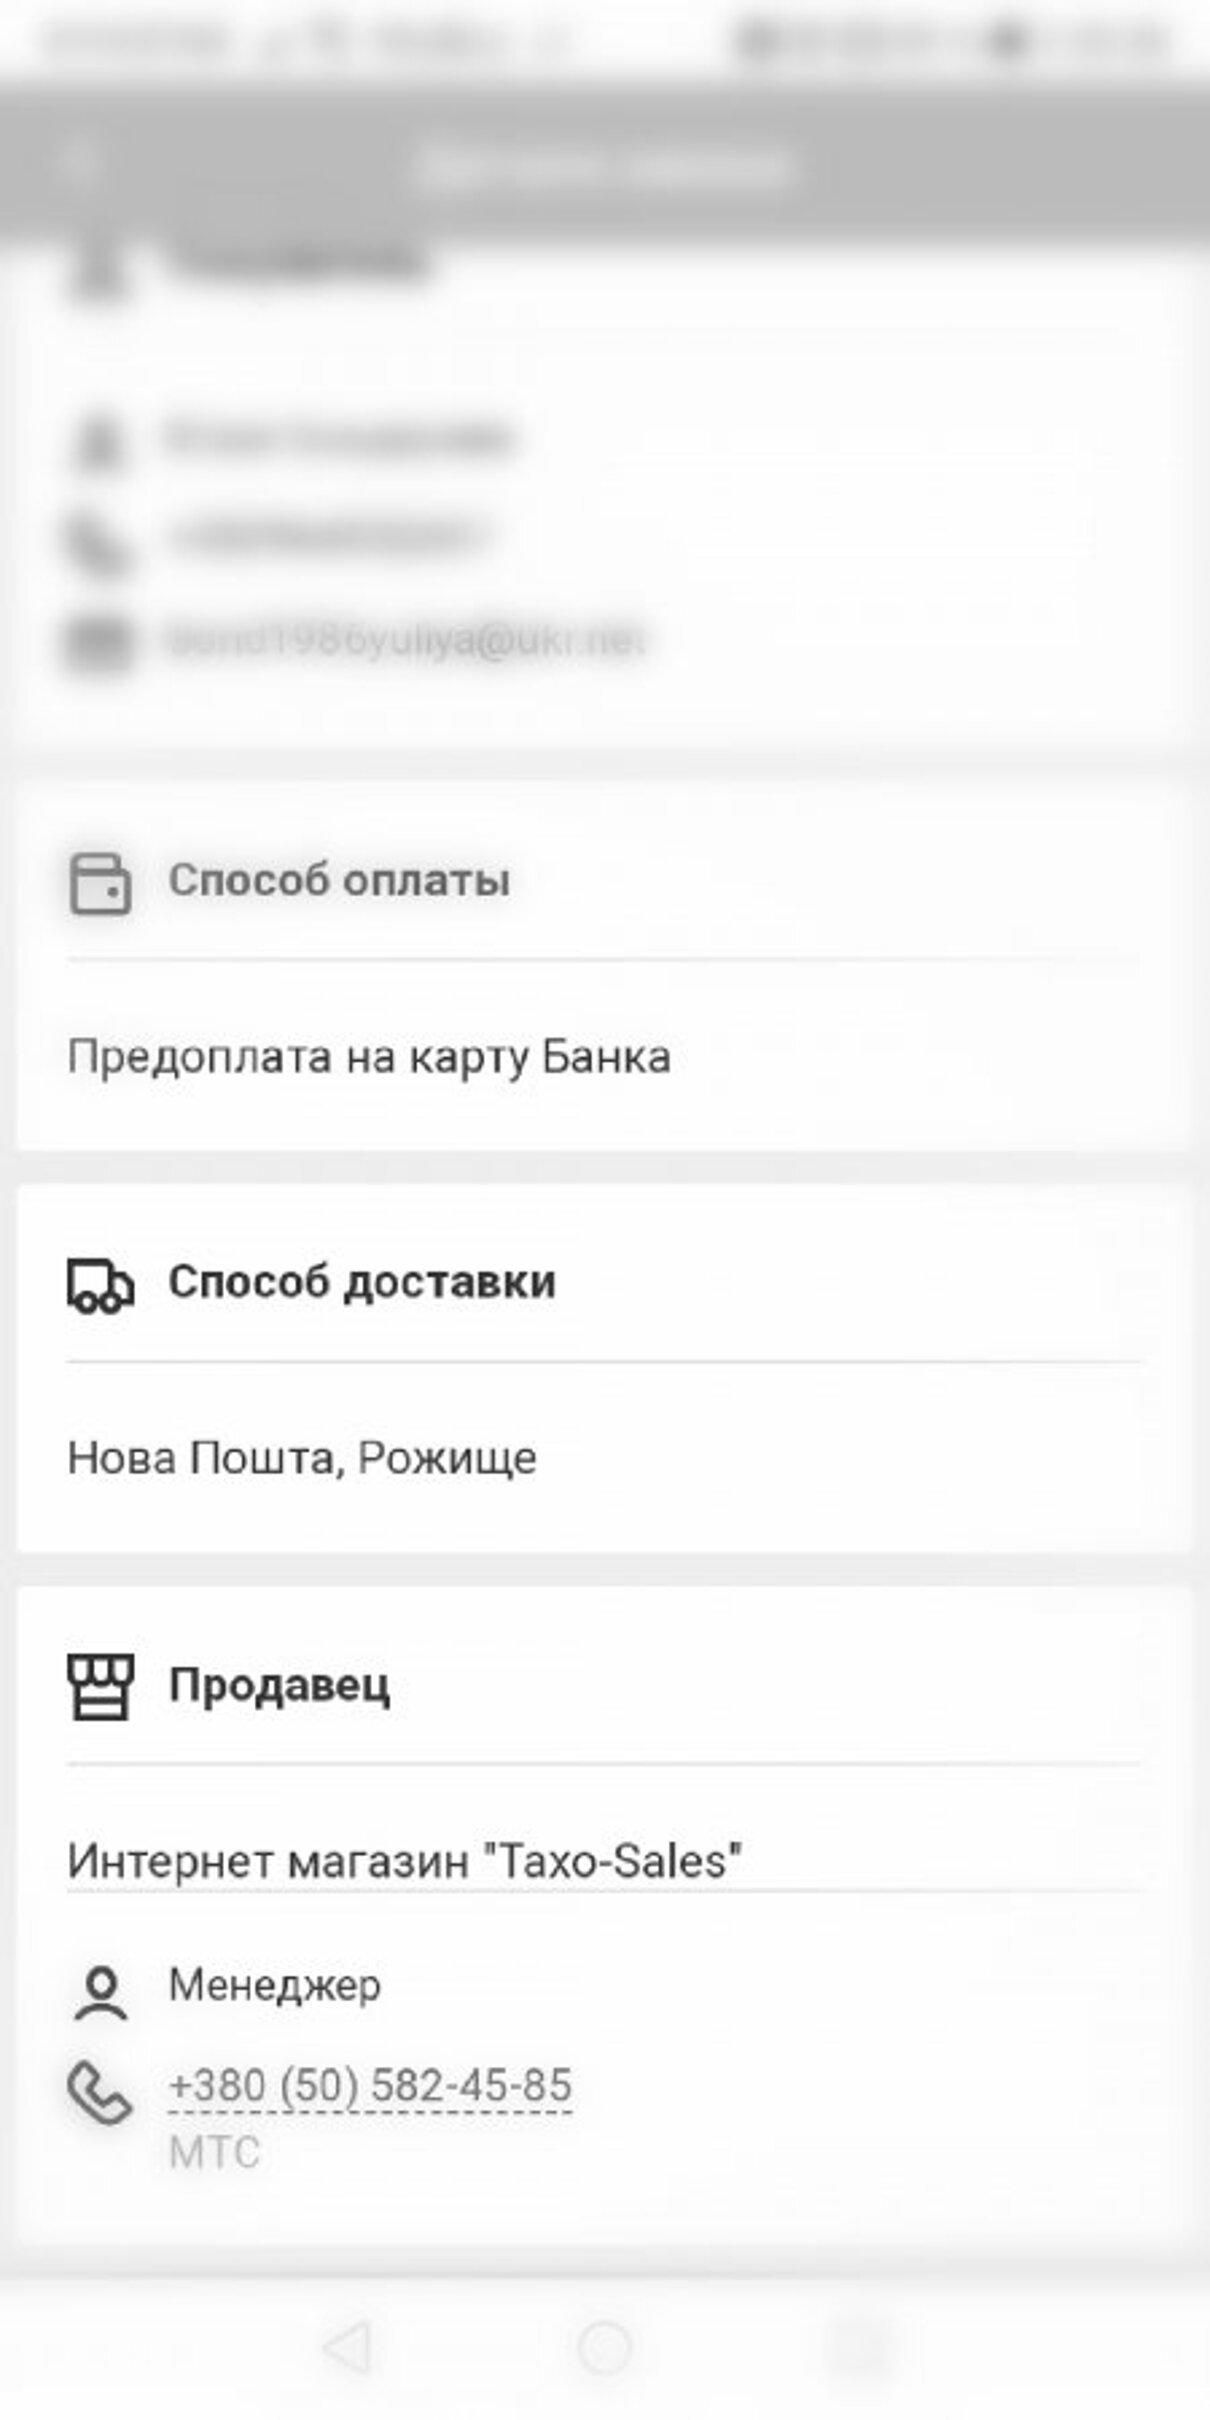 Жалоба-отзыв: Бублик Виолетта Александровна - Аферистка